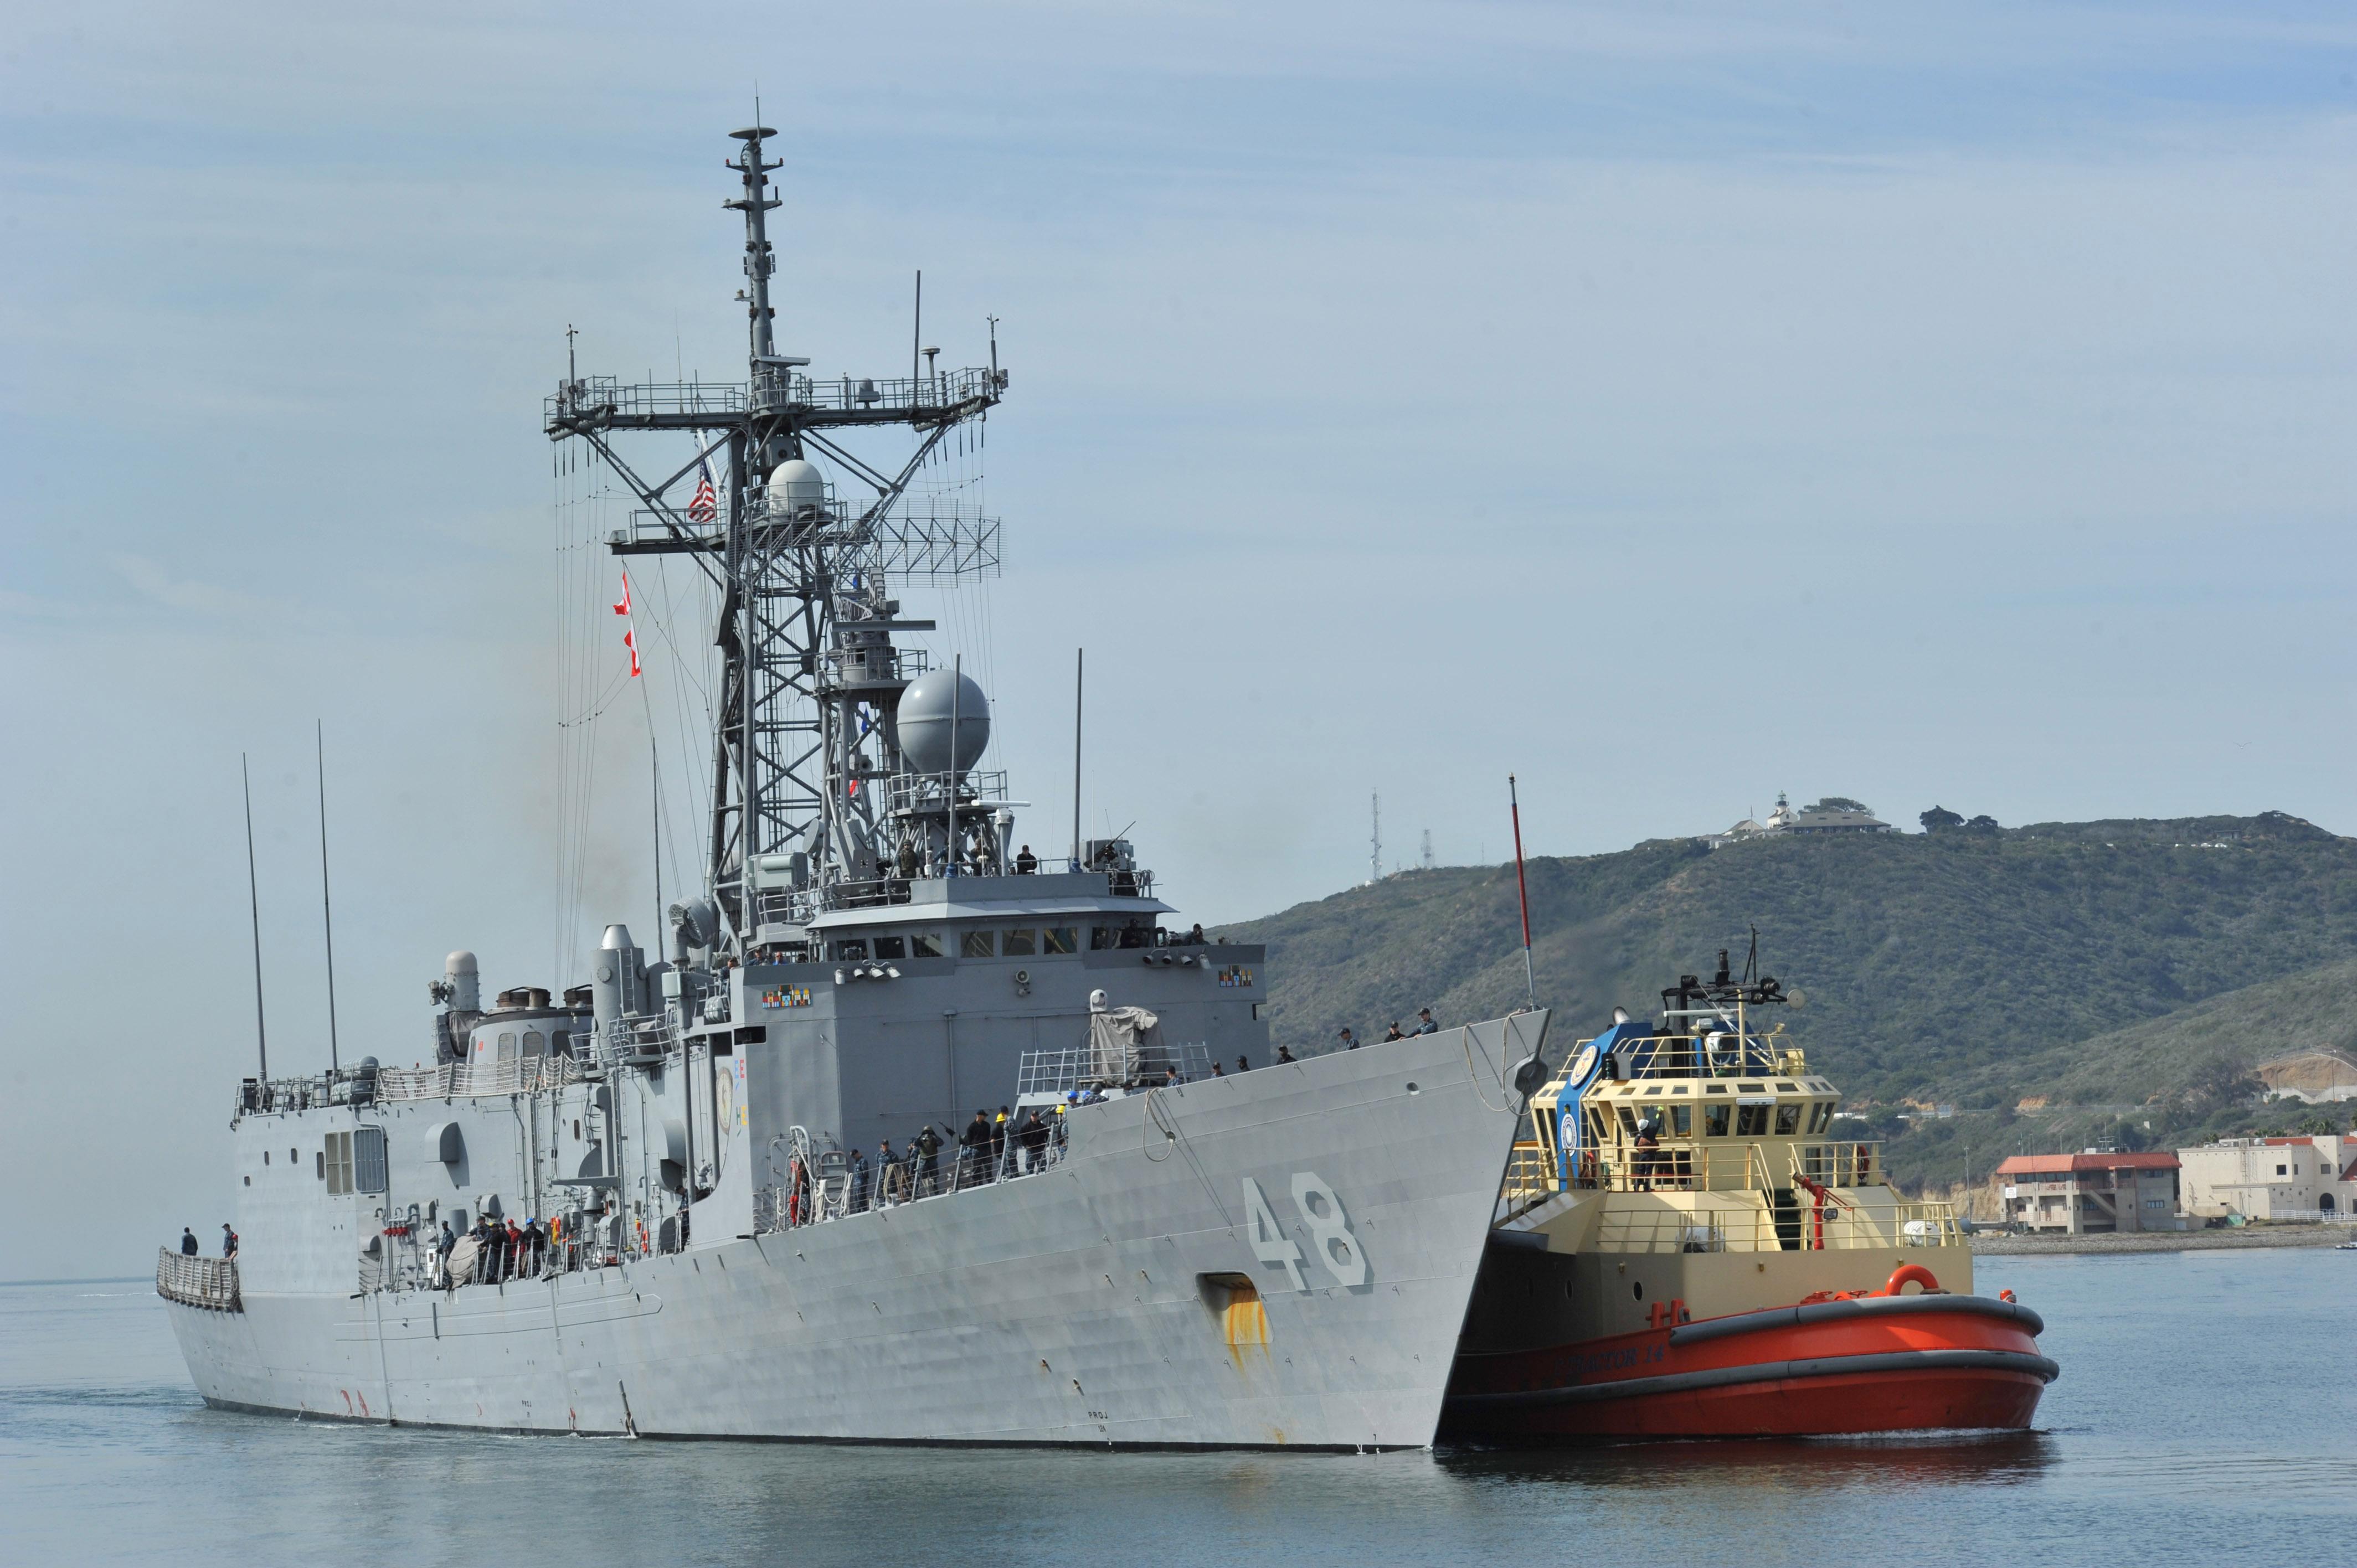 USS VANDEGRIFT FFG-48 Auslaufen San Diego am 09.05.2014 Bild: U.S. Navy